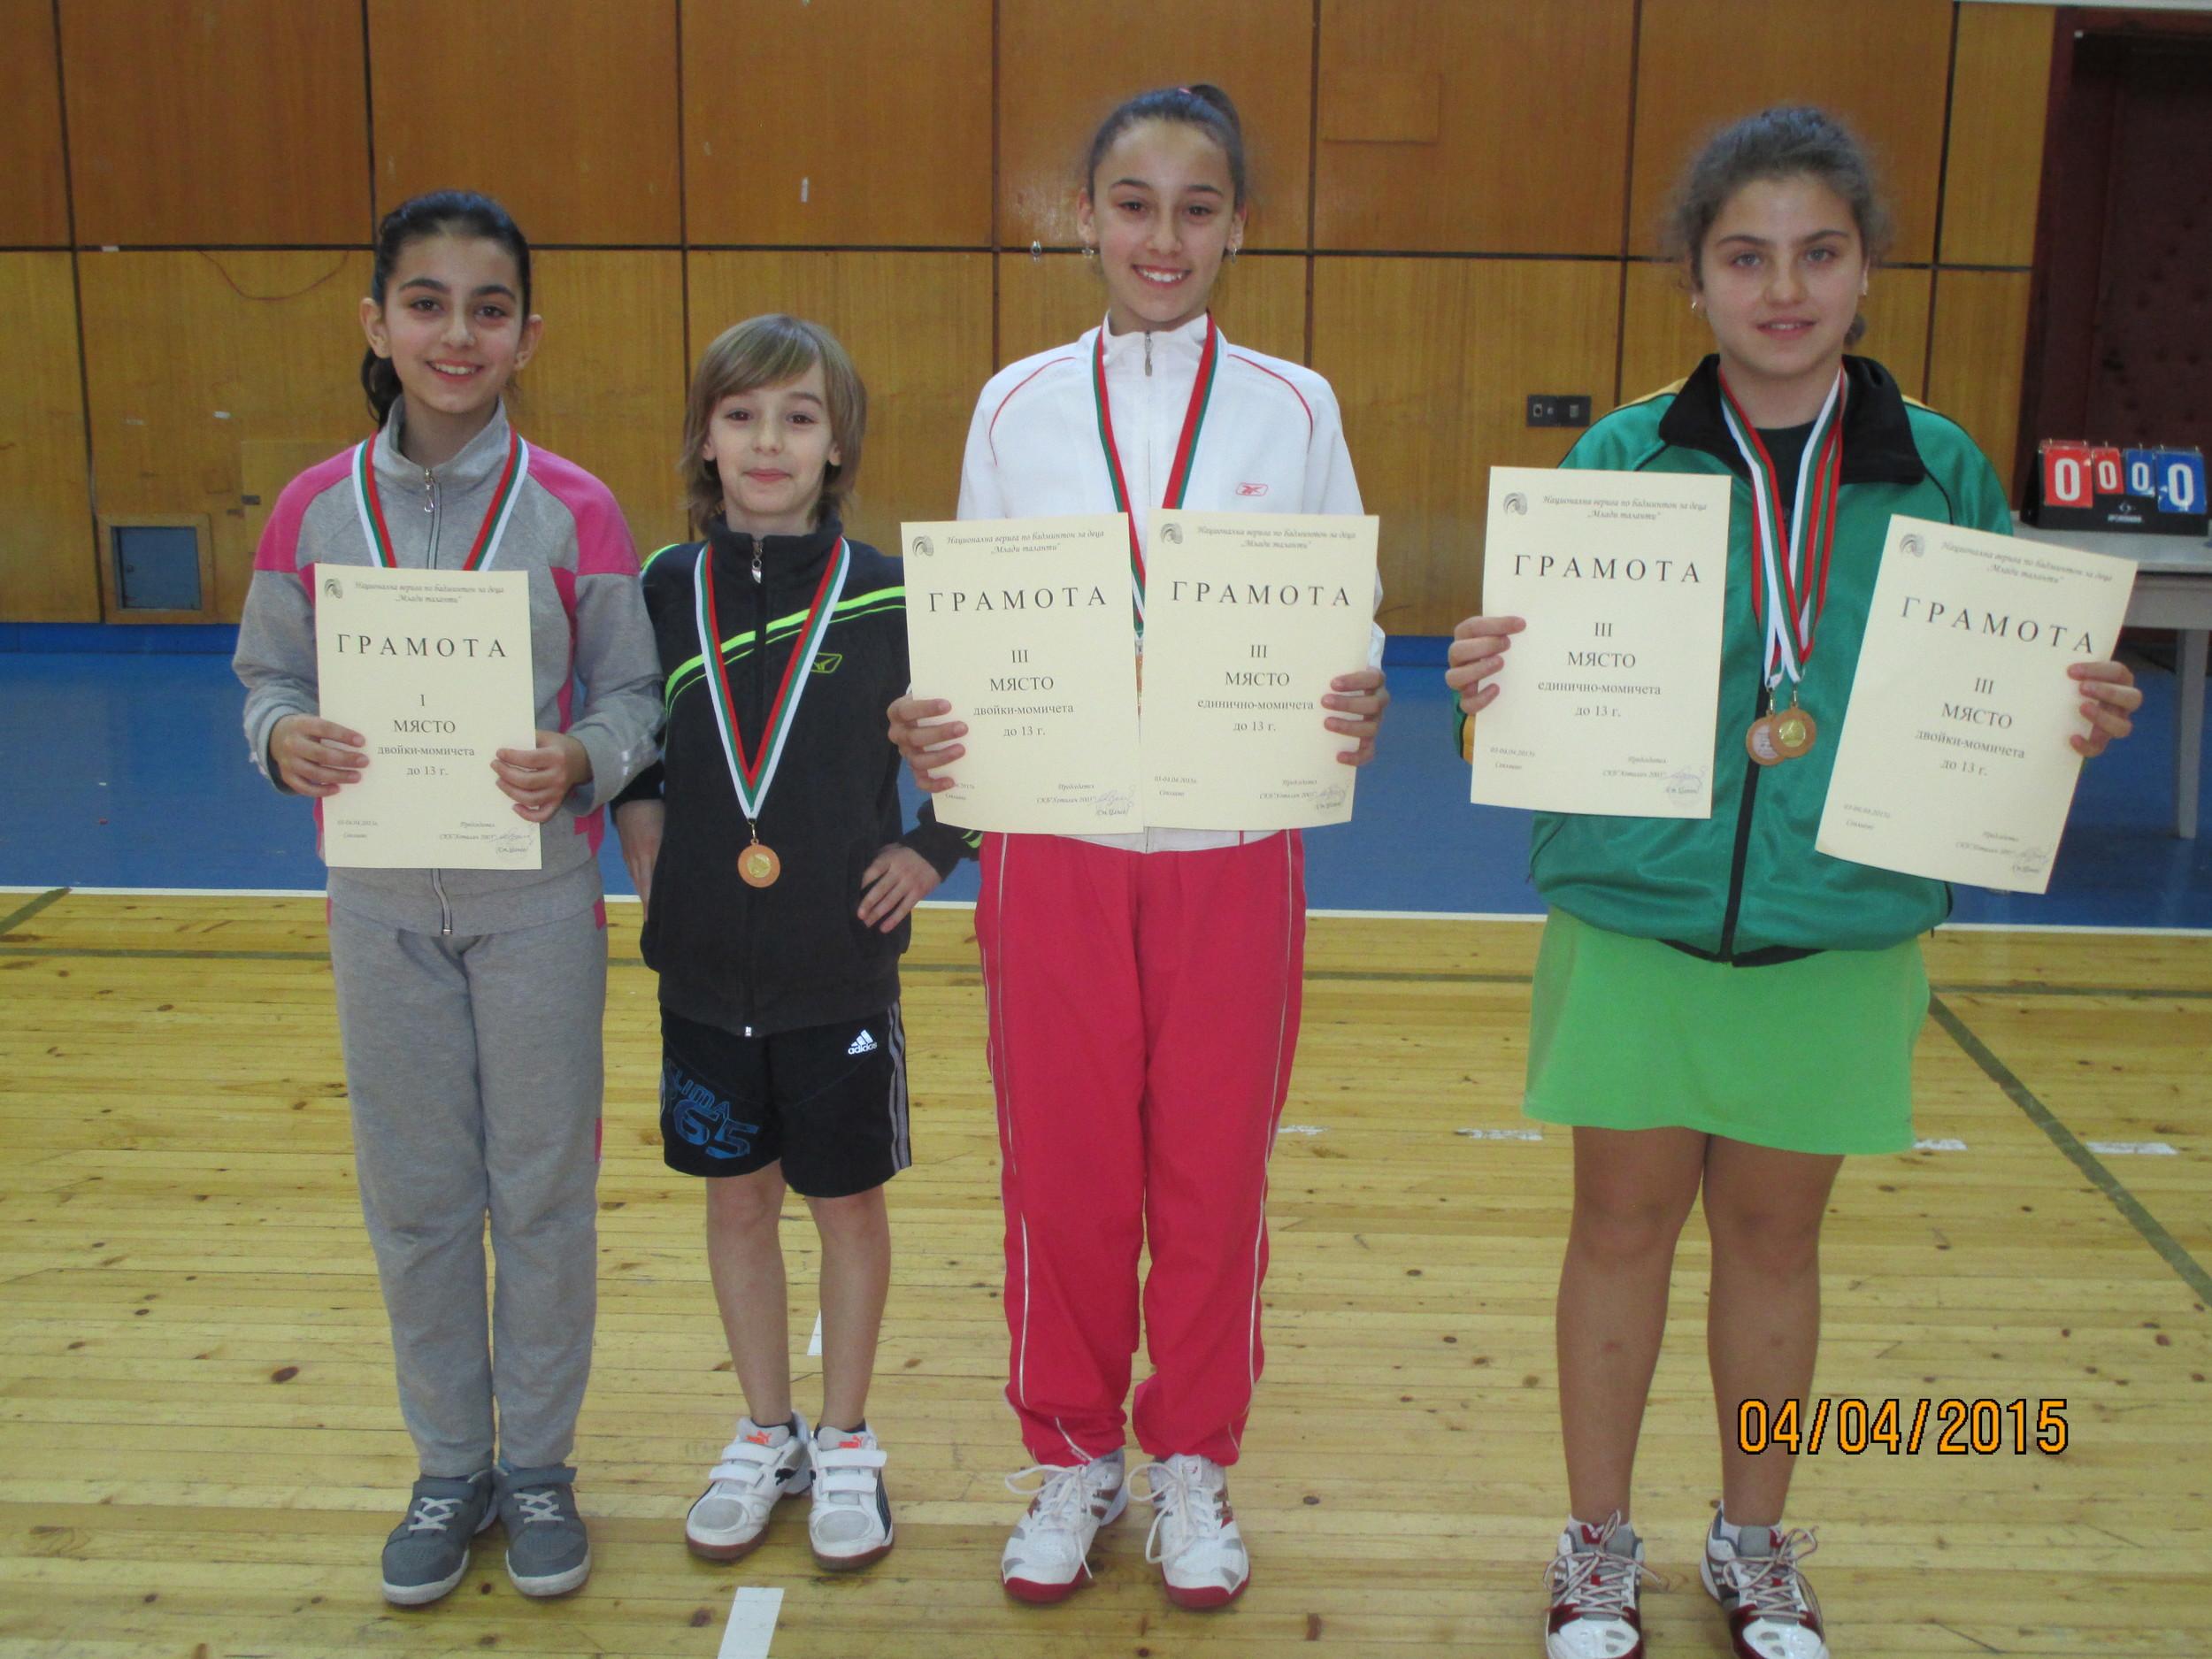 badminton_awards_april15